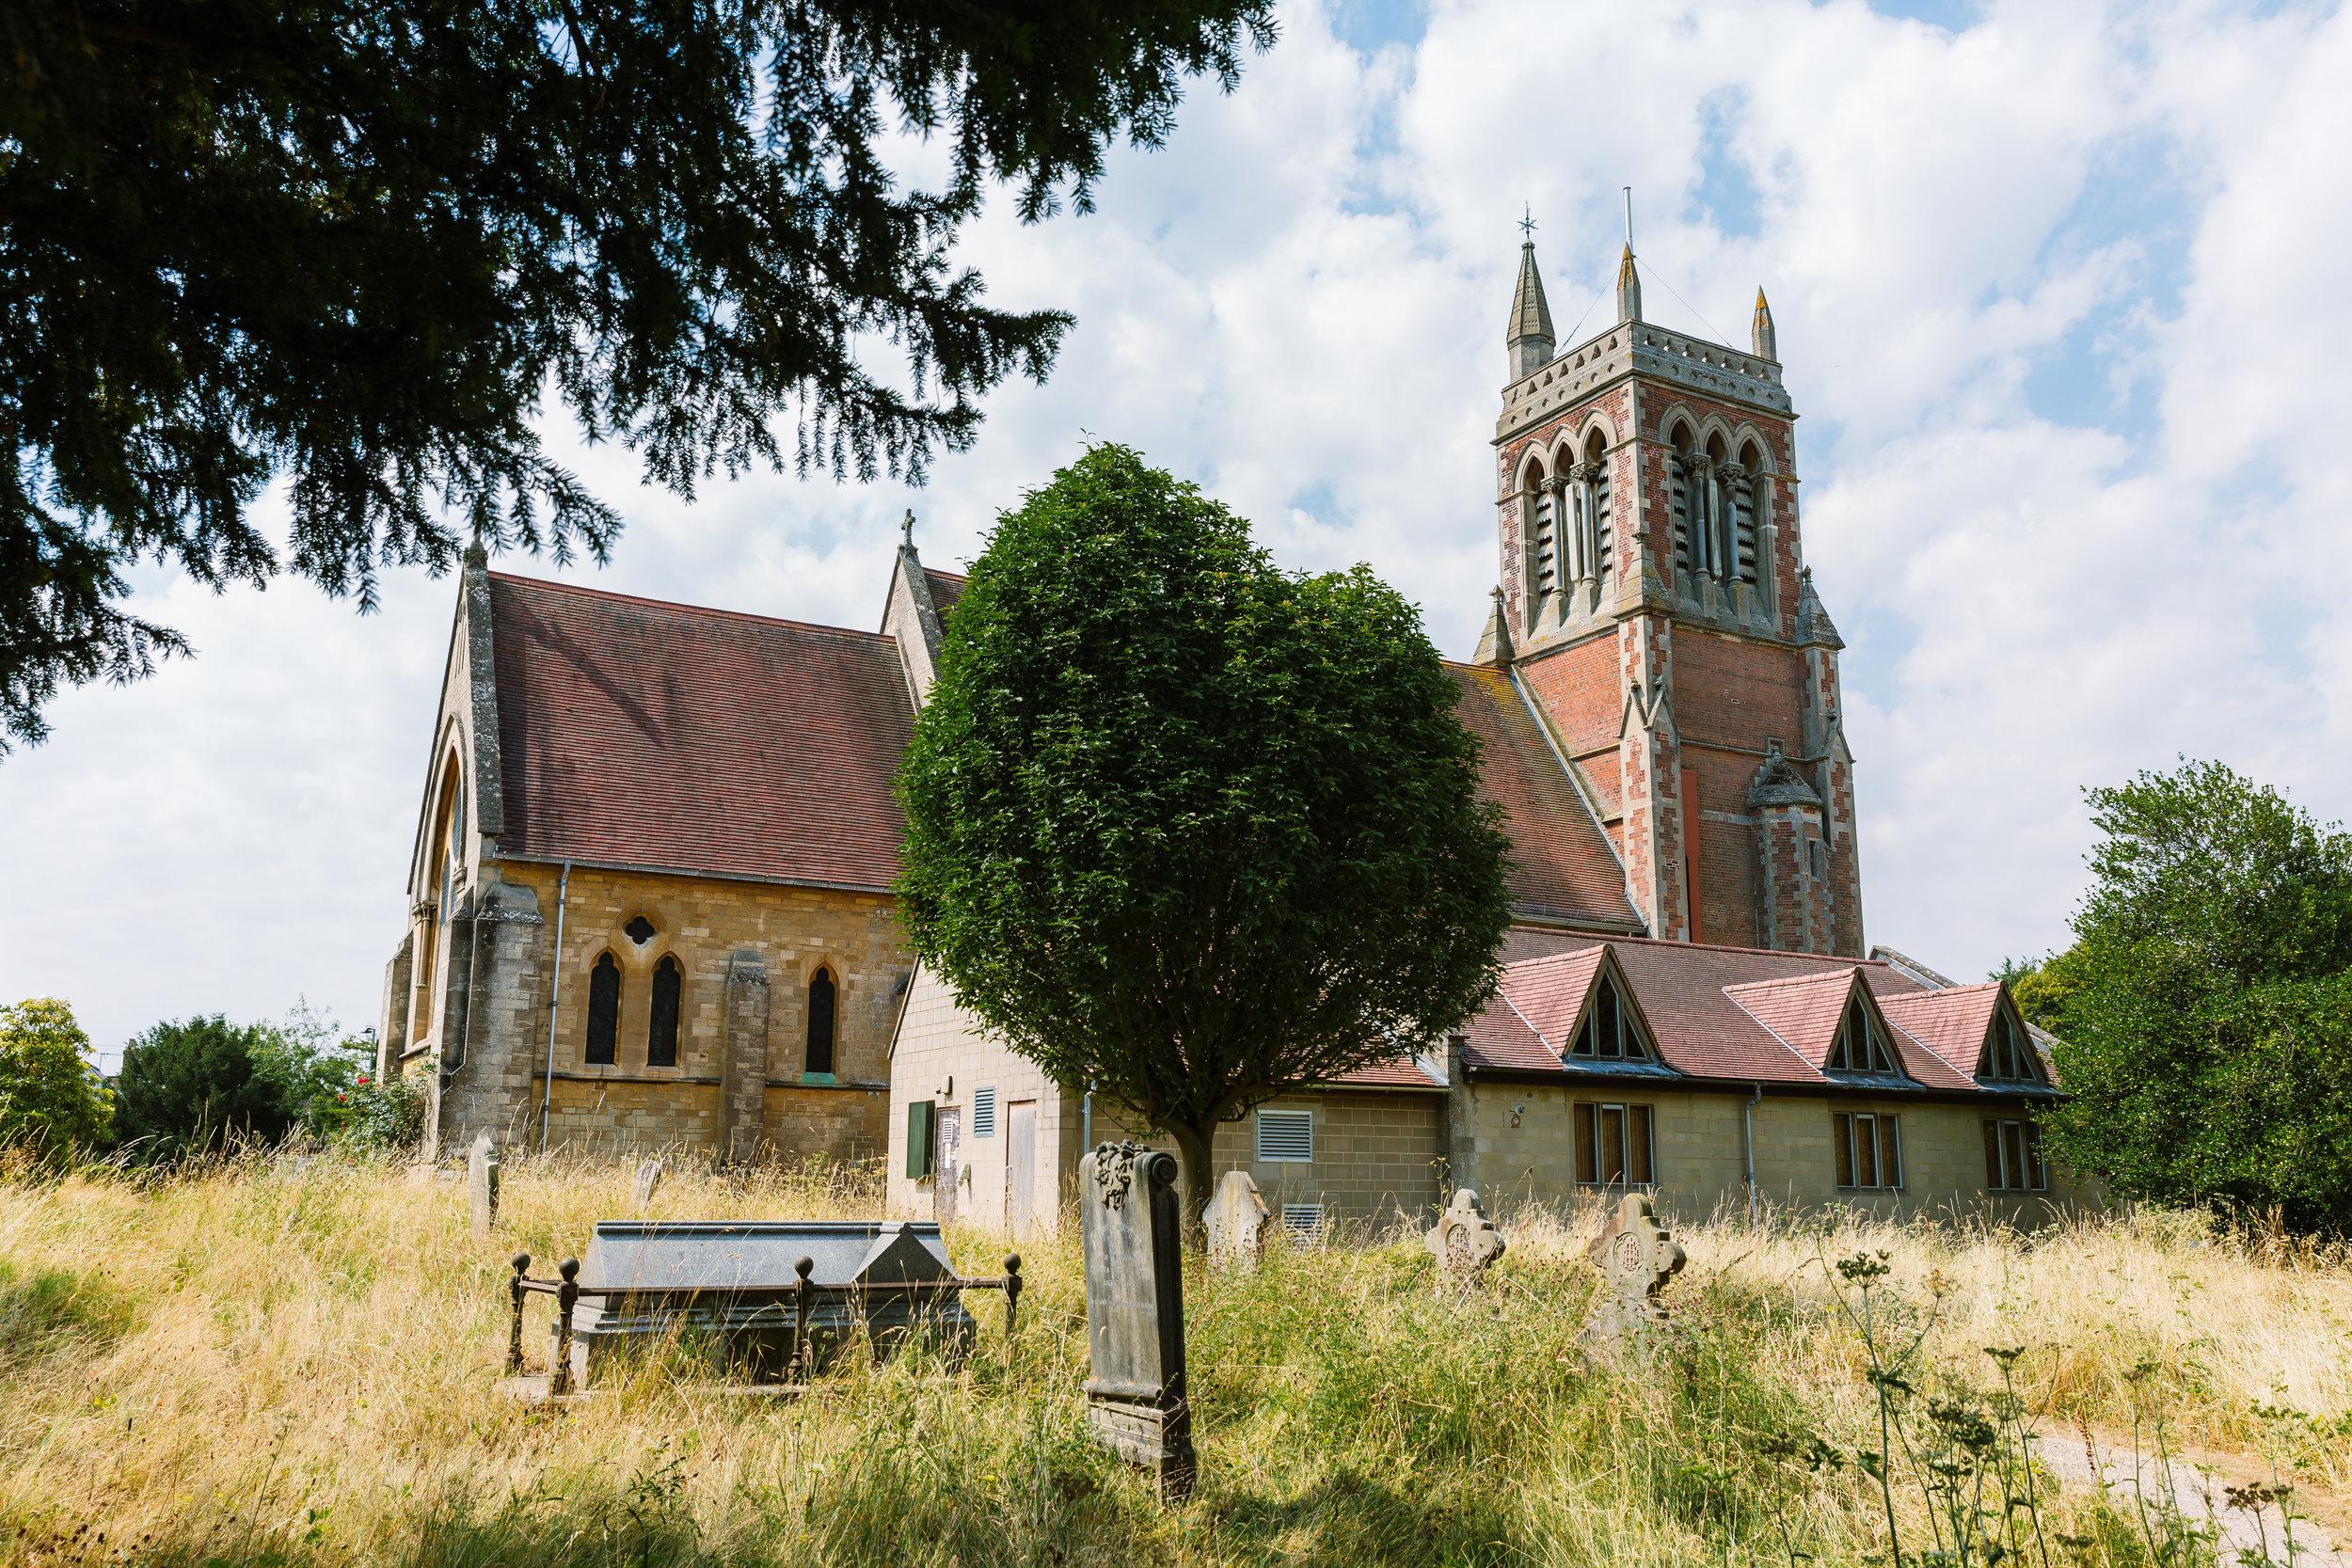 Hampshire Wedding Photographer Hampshire : Ufton Court Wedding : Barn wedding venue hampshire : Sarah fishlock photography : hampshire barn wedding